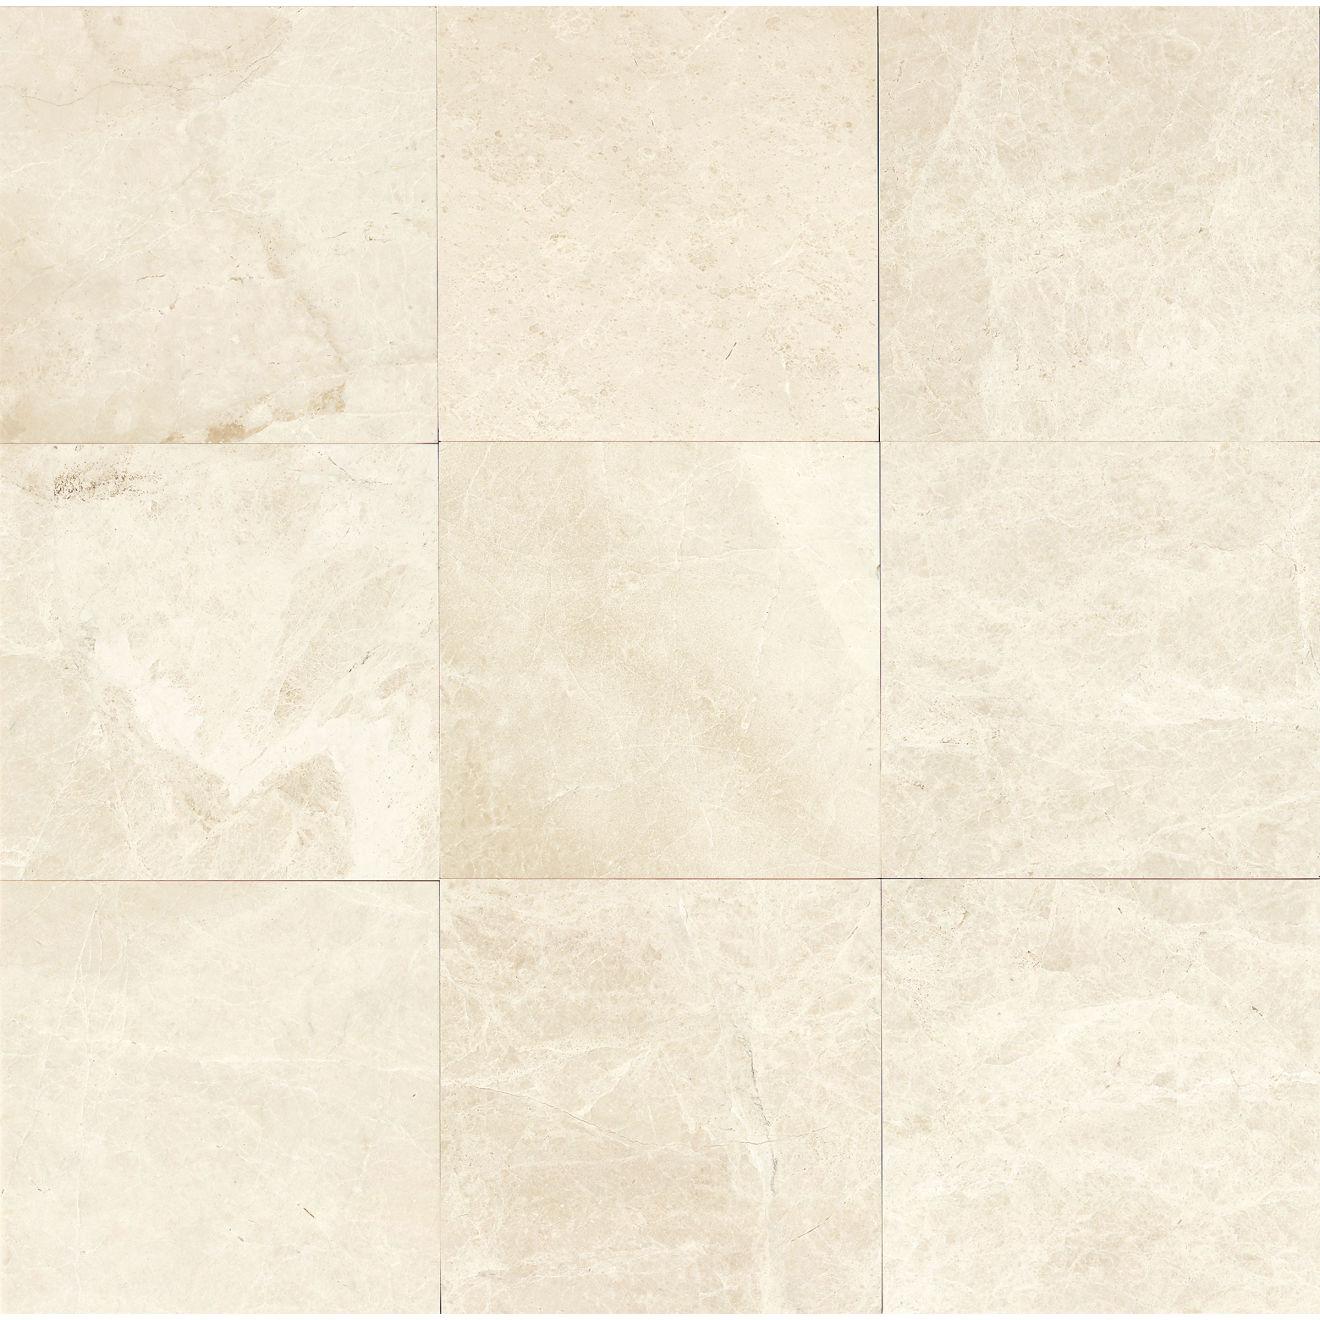 """Caspian Bisque 12"""" x 12"""" Floor & Wall Tile"""